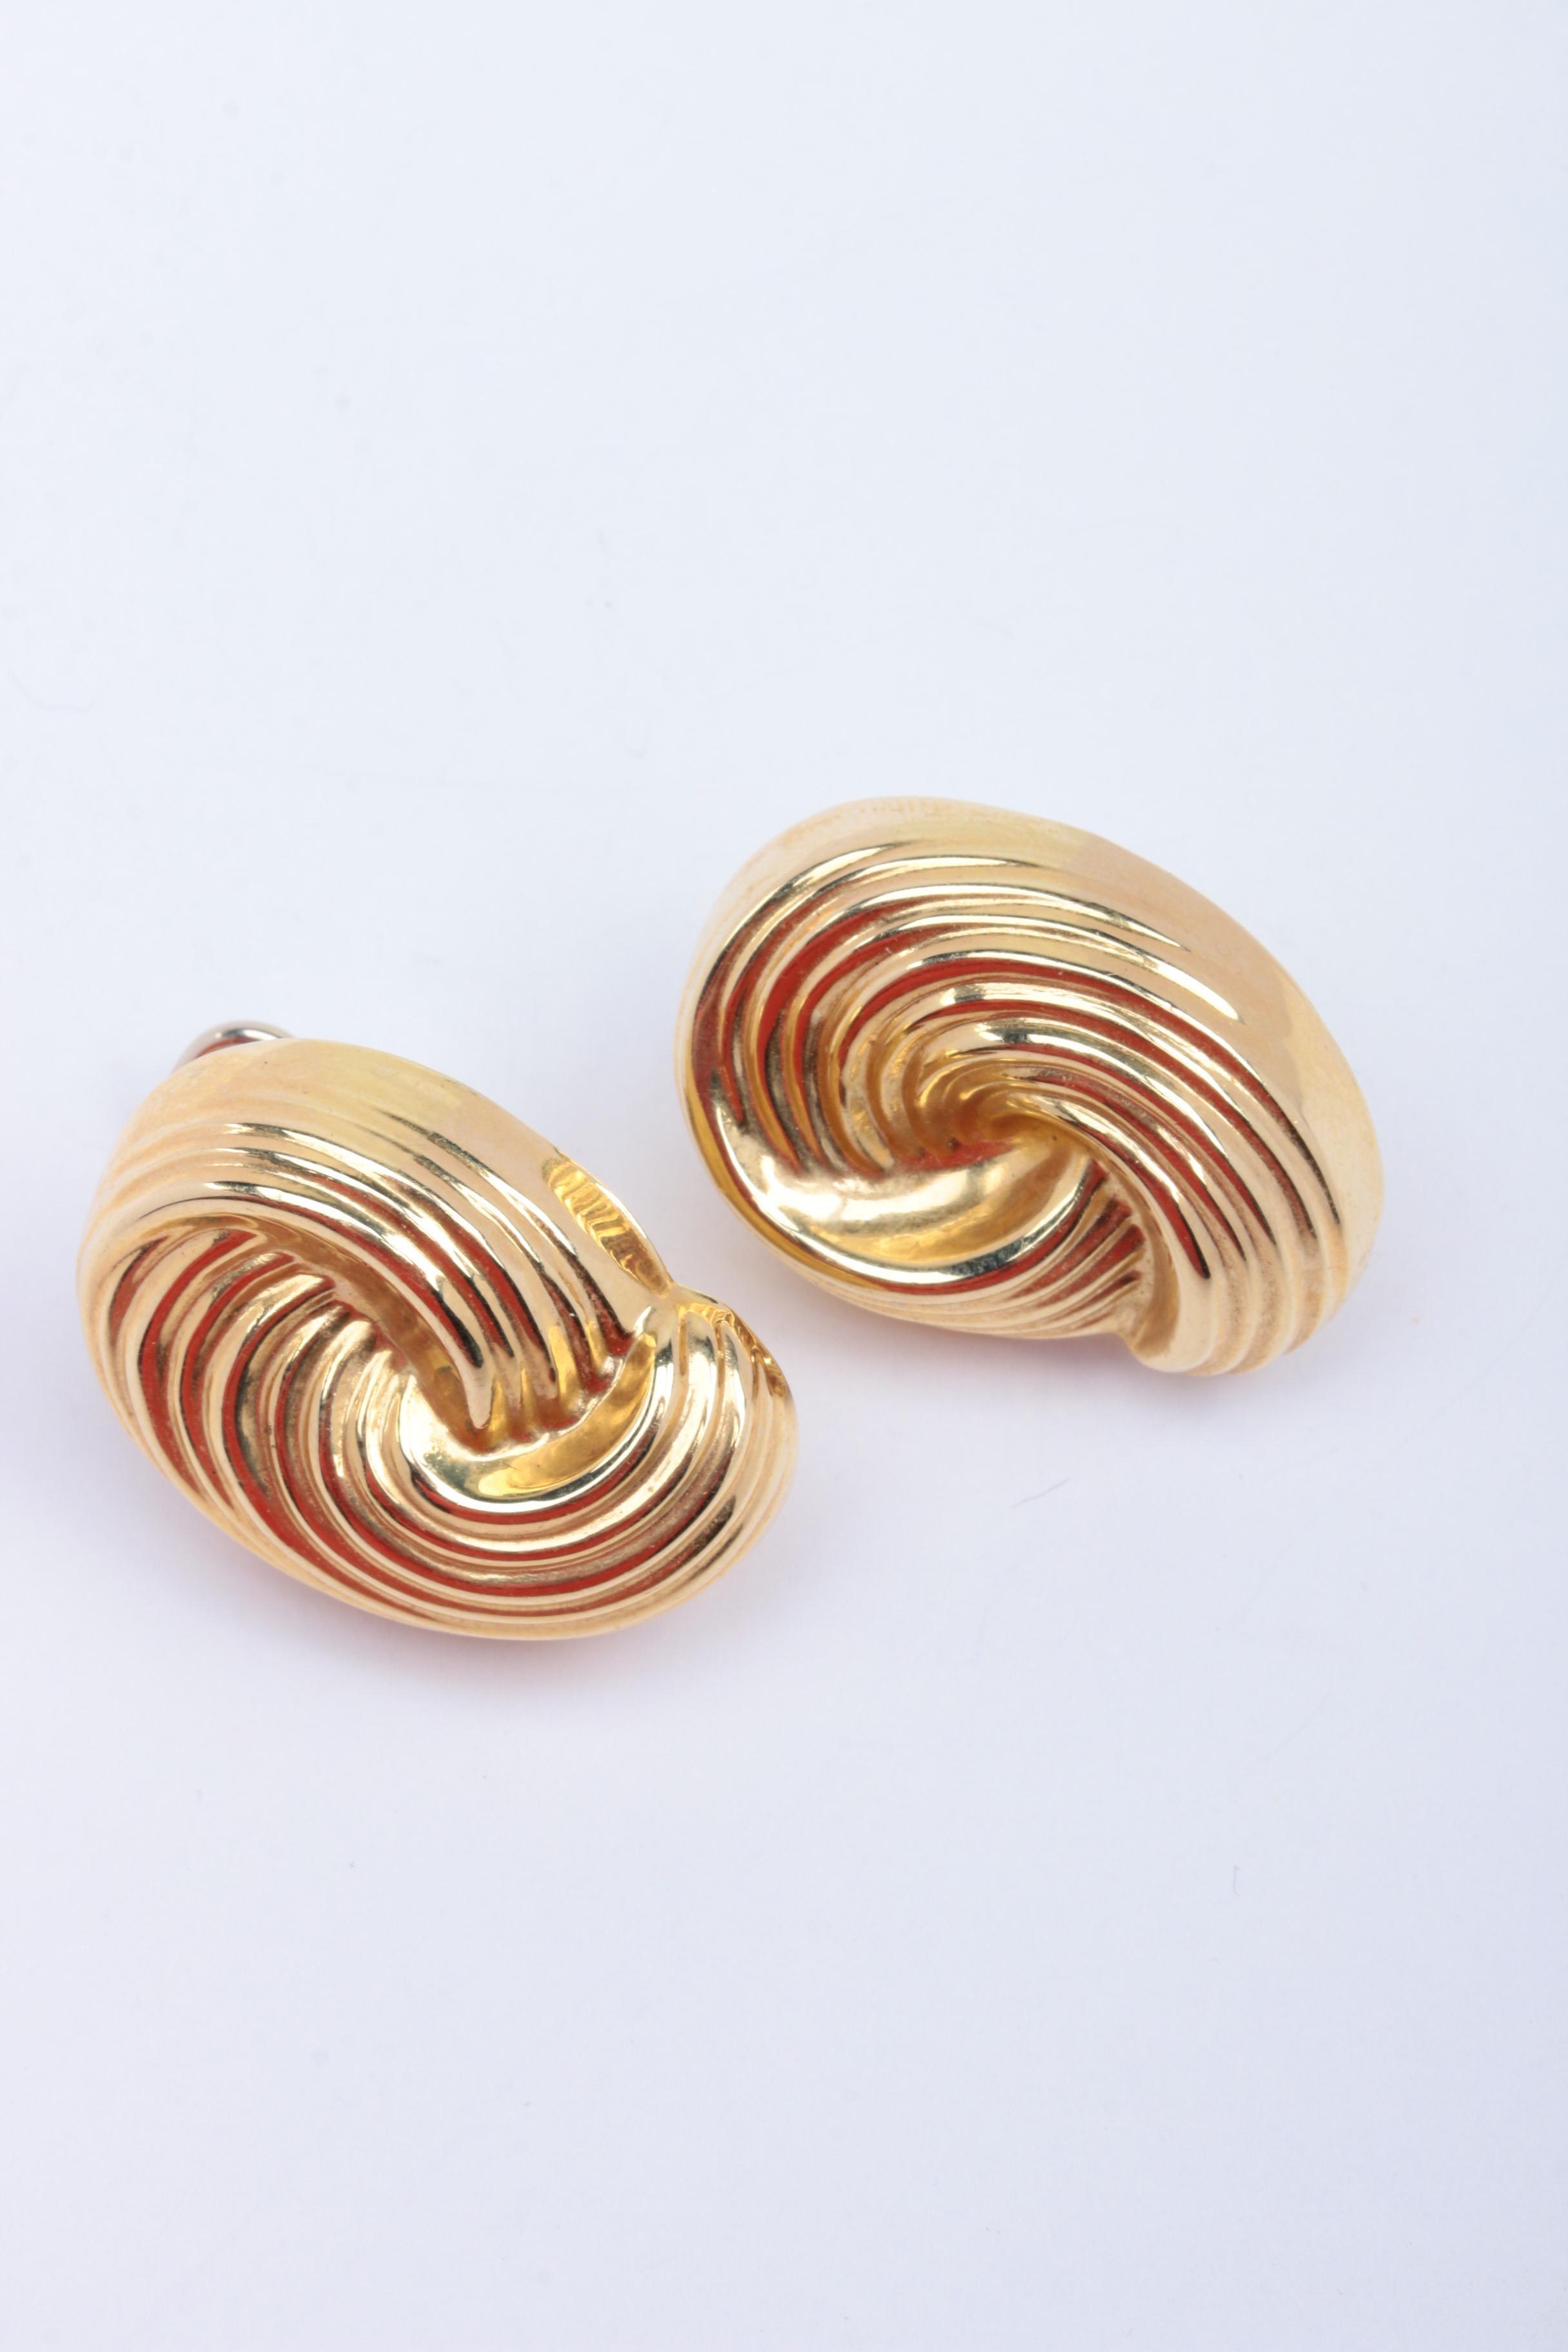 14K Yellow Gold Post Earrings